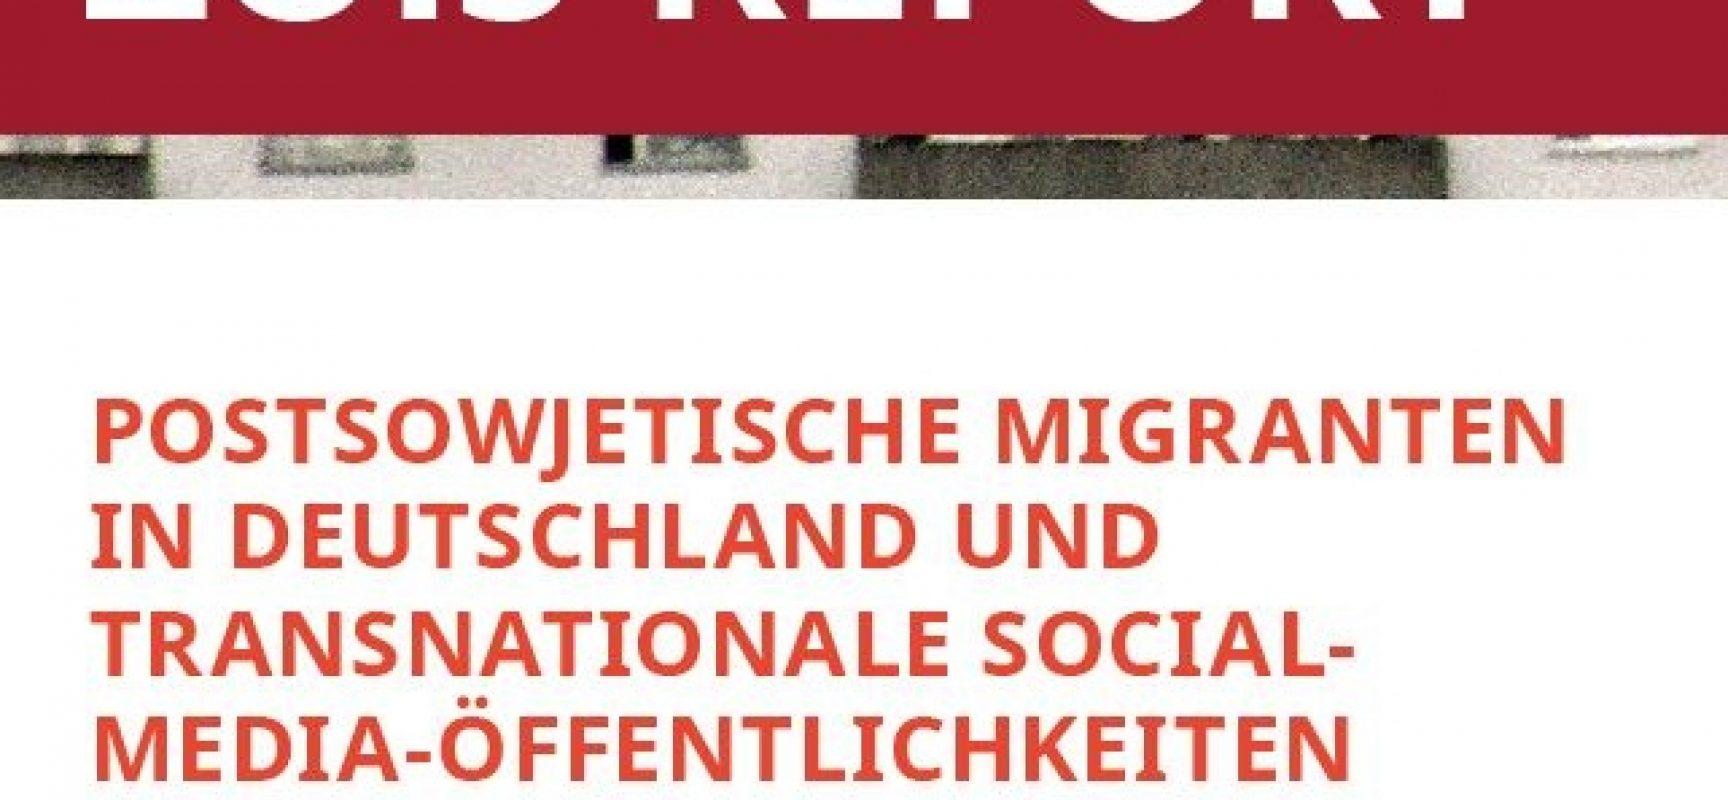 Tatiana Golova – Postsowjetische Migranten in Deutschland und transnationale Social-Media-Öffentlichkeiten